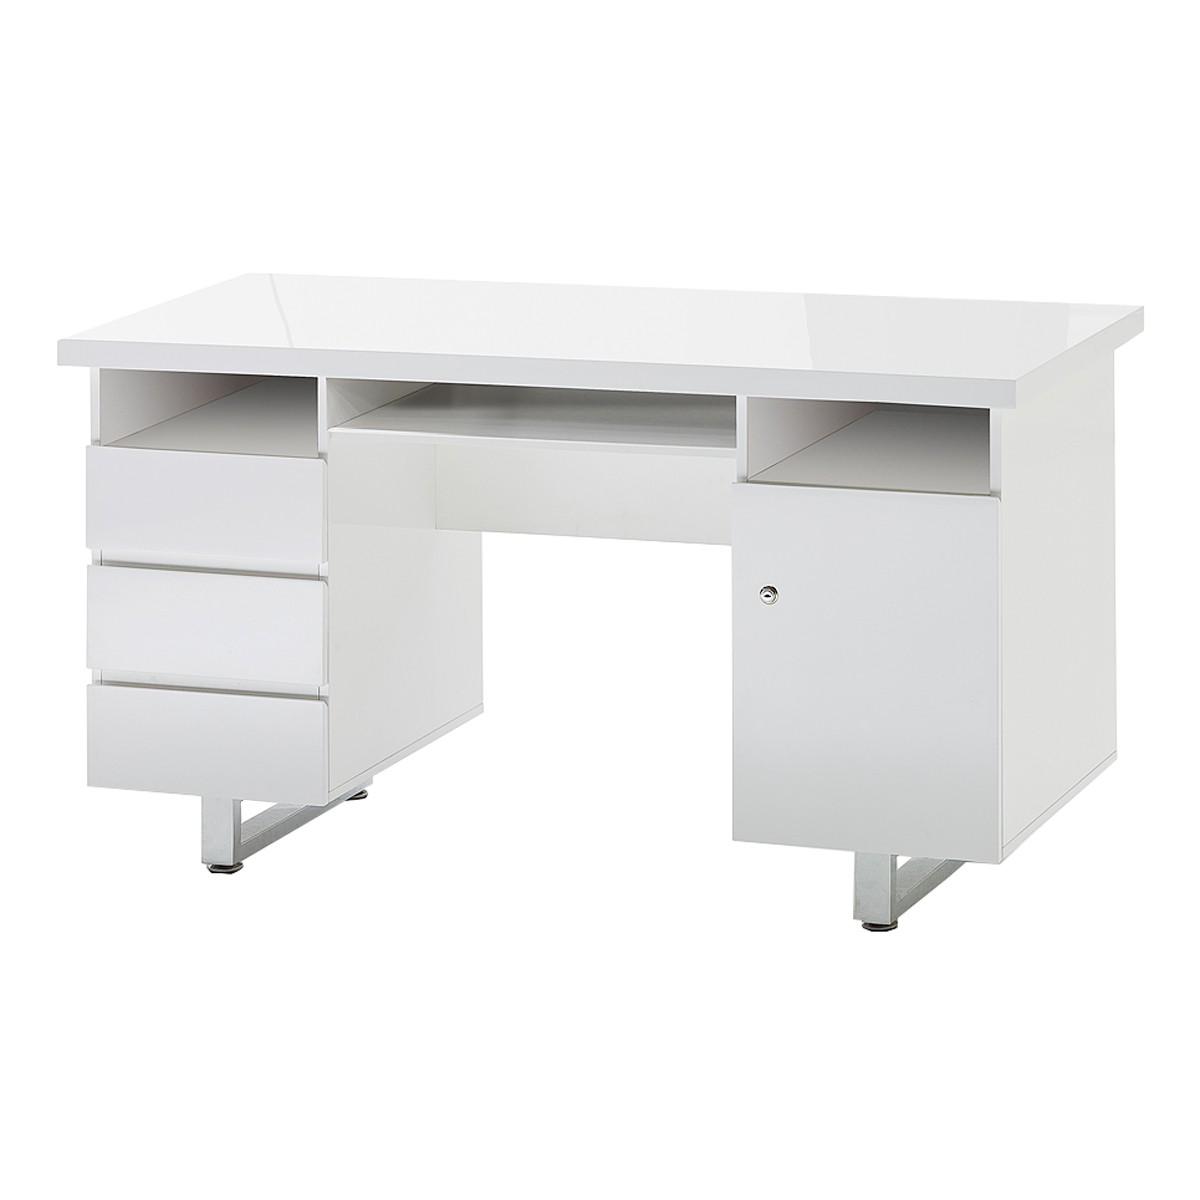 lowboard h ngend mit schubladen. Black Bedroom Furniture Sets. Home Design Ideas